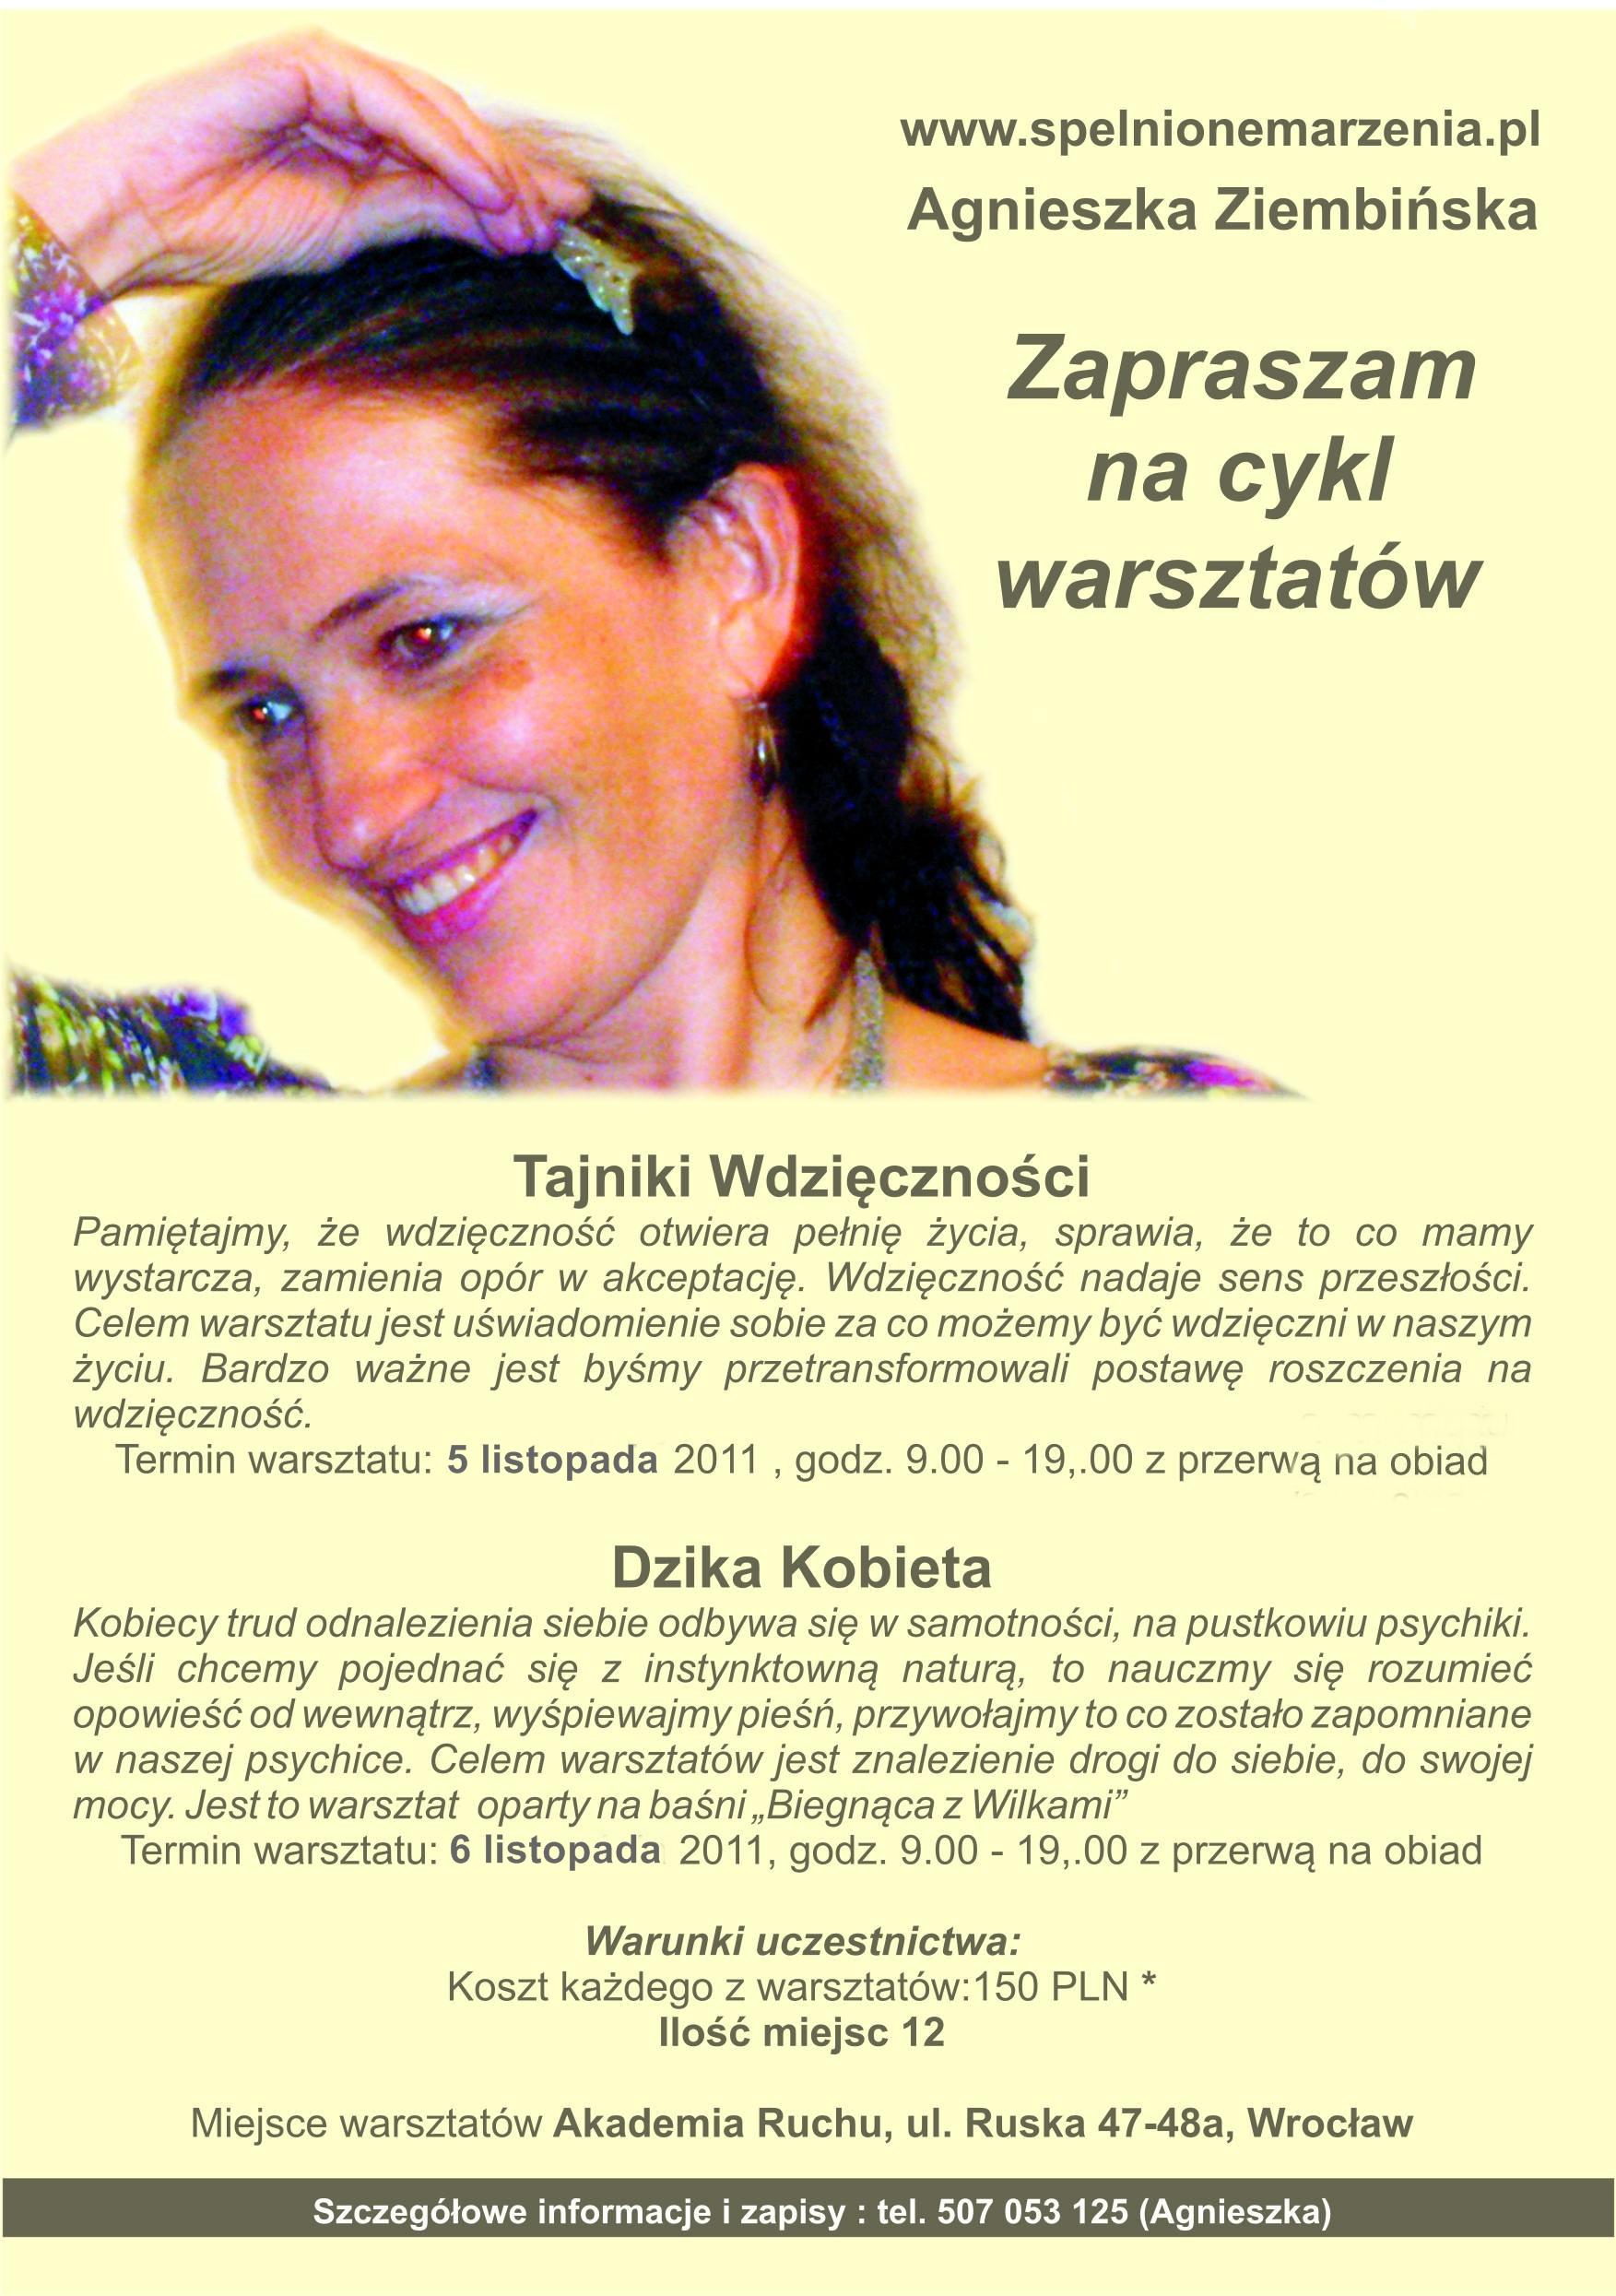 https://akademiaruchu.com.pl/wp-content/uploads/2016/10/WARSZTATY-TAJNIKI-PIEKNOSCI.jpg